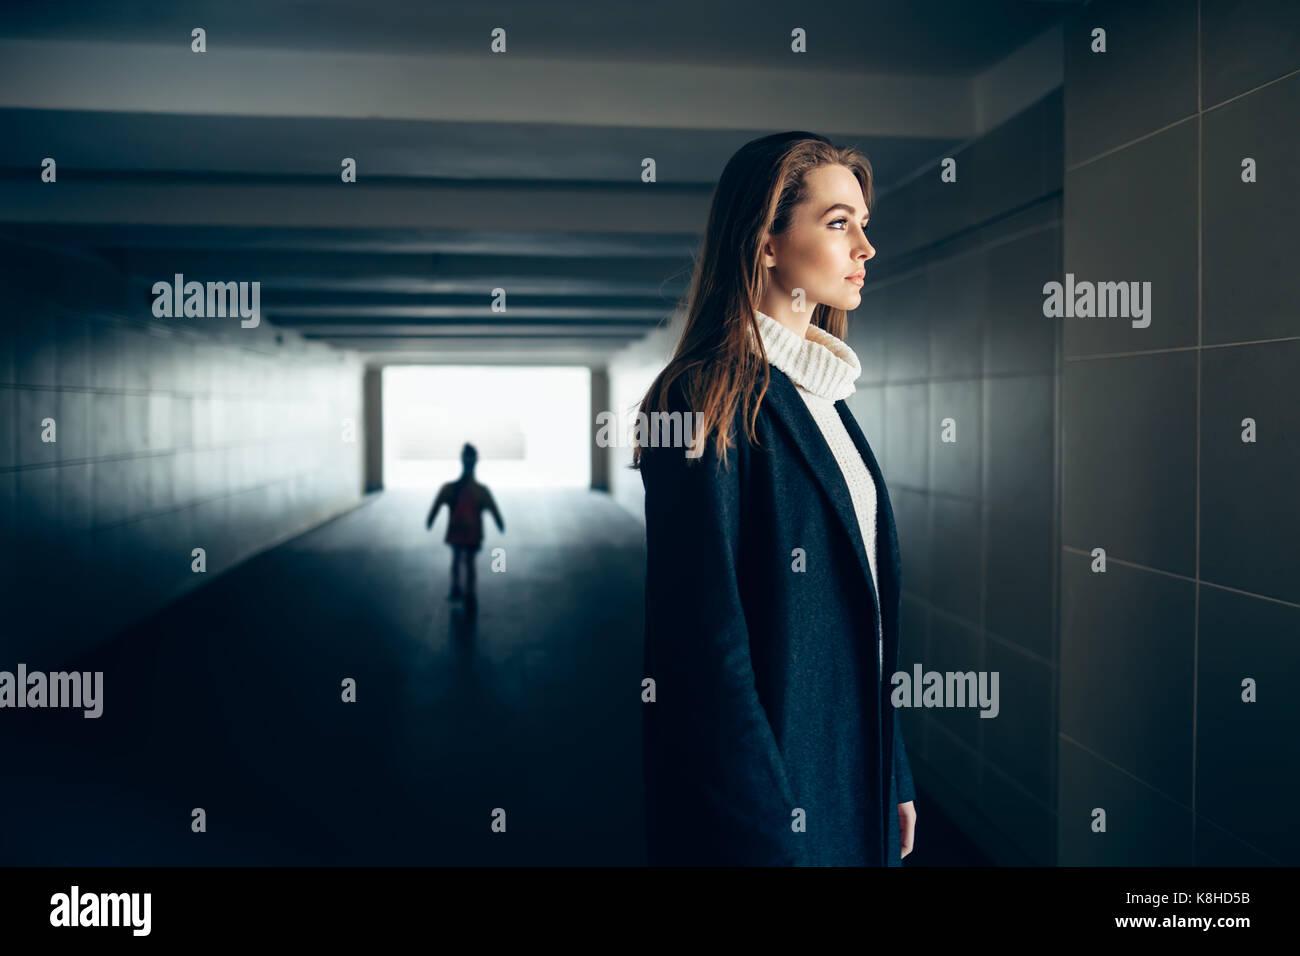 Bella donna solitario in un tunnel della metropolitana con spaventare la silhouette sullo sfondo. Il surrealismo Immagini Stock